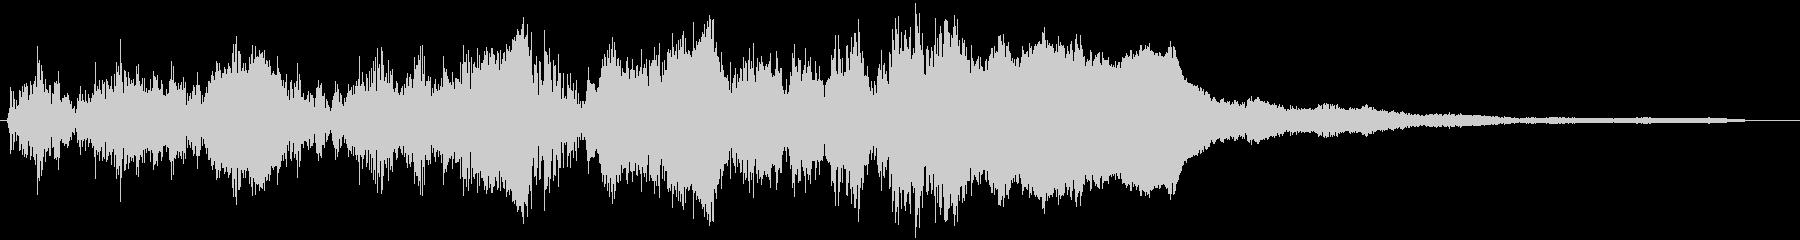 ドラムロールとファンファーレが一緒のSEの未再生の波形